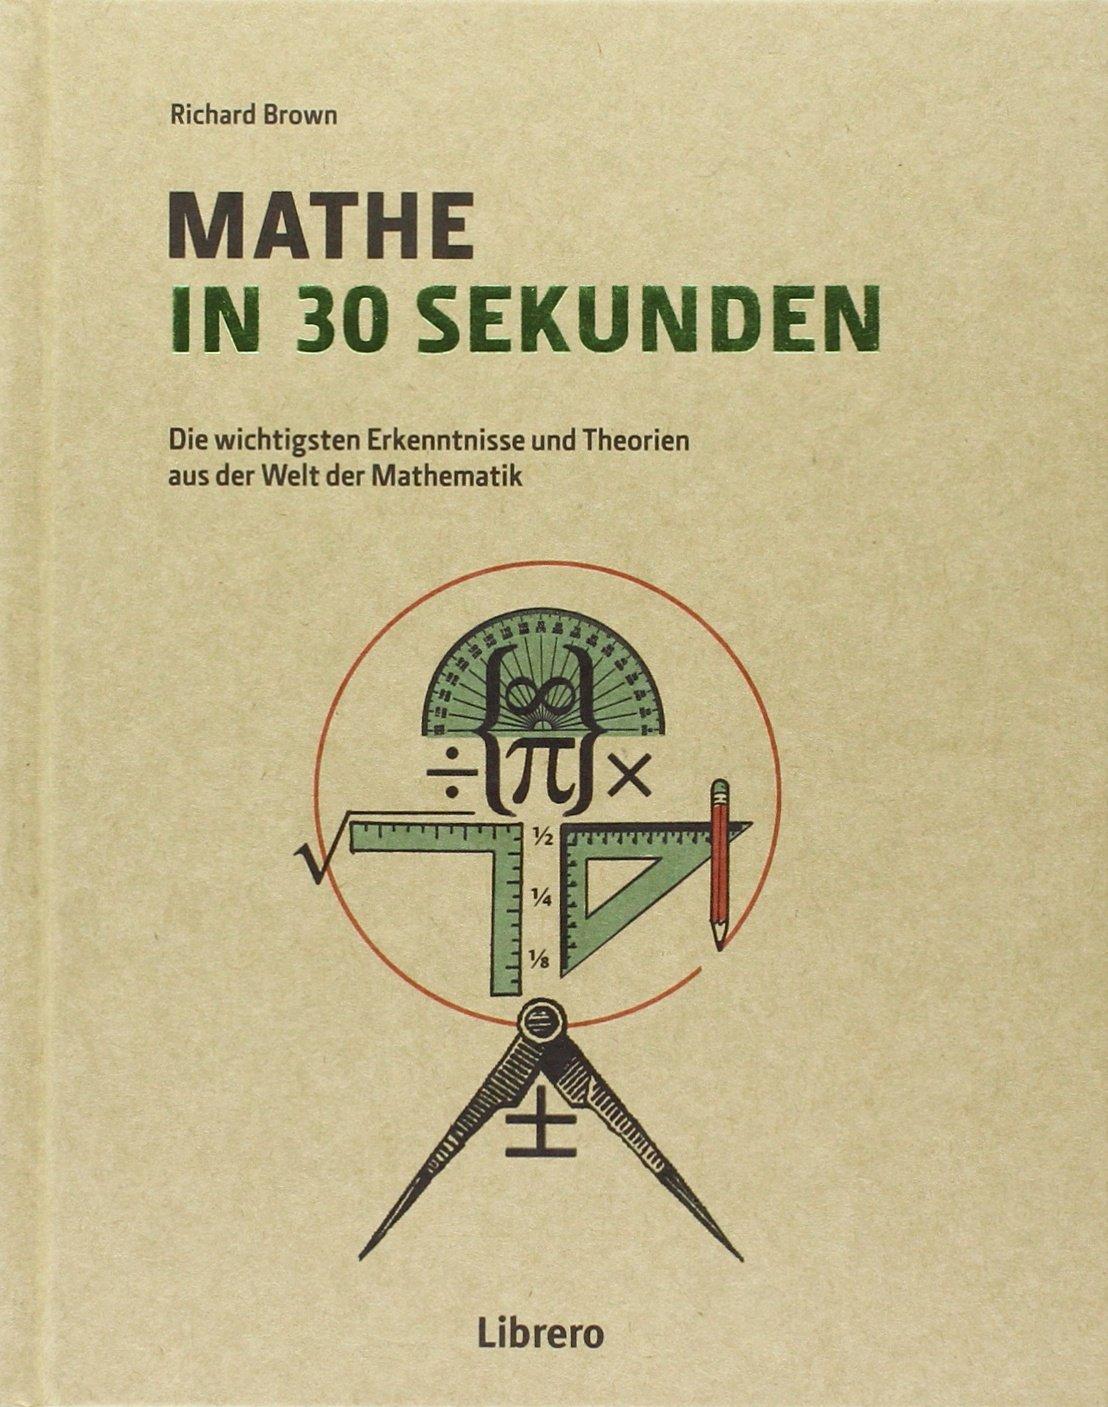 Mathe in 30 Sekunden: Mathematischen Theorien leicht verständlich gemacht Gebundenes Buch – 1. September 2015 Richard Brown Librero 9089985948 Mathematik / Sonstiges